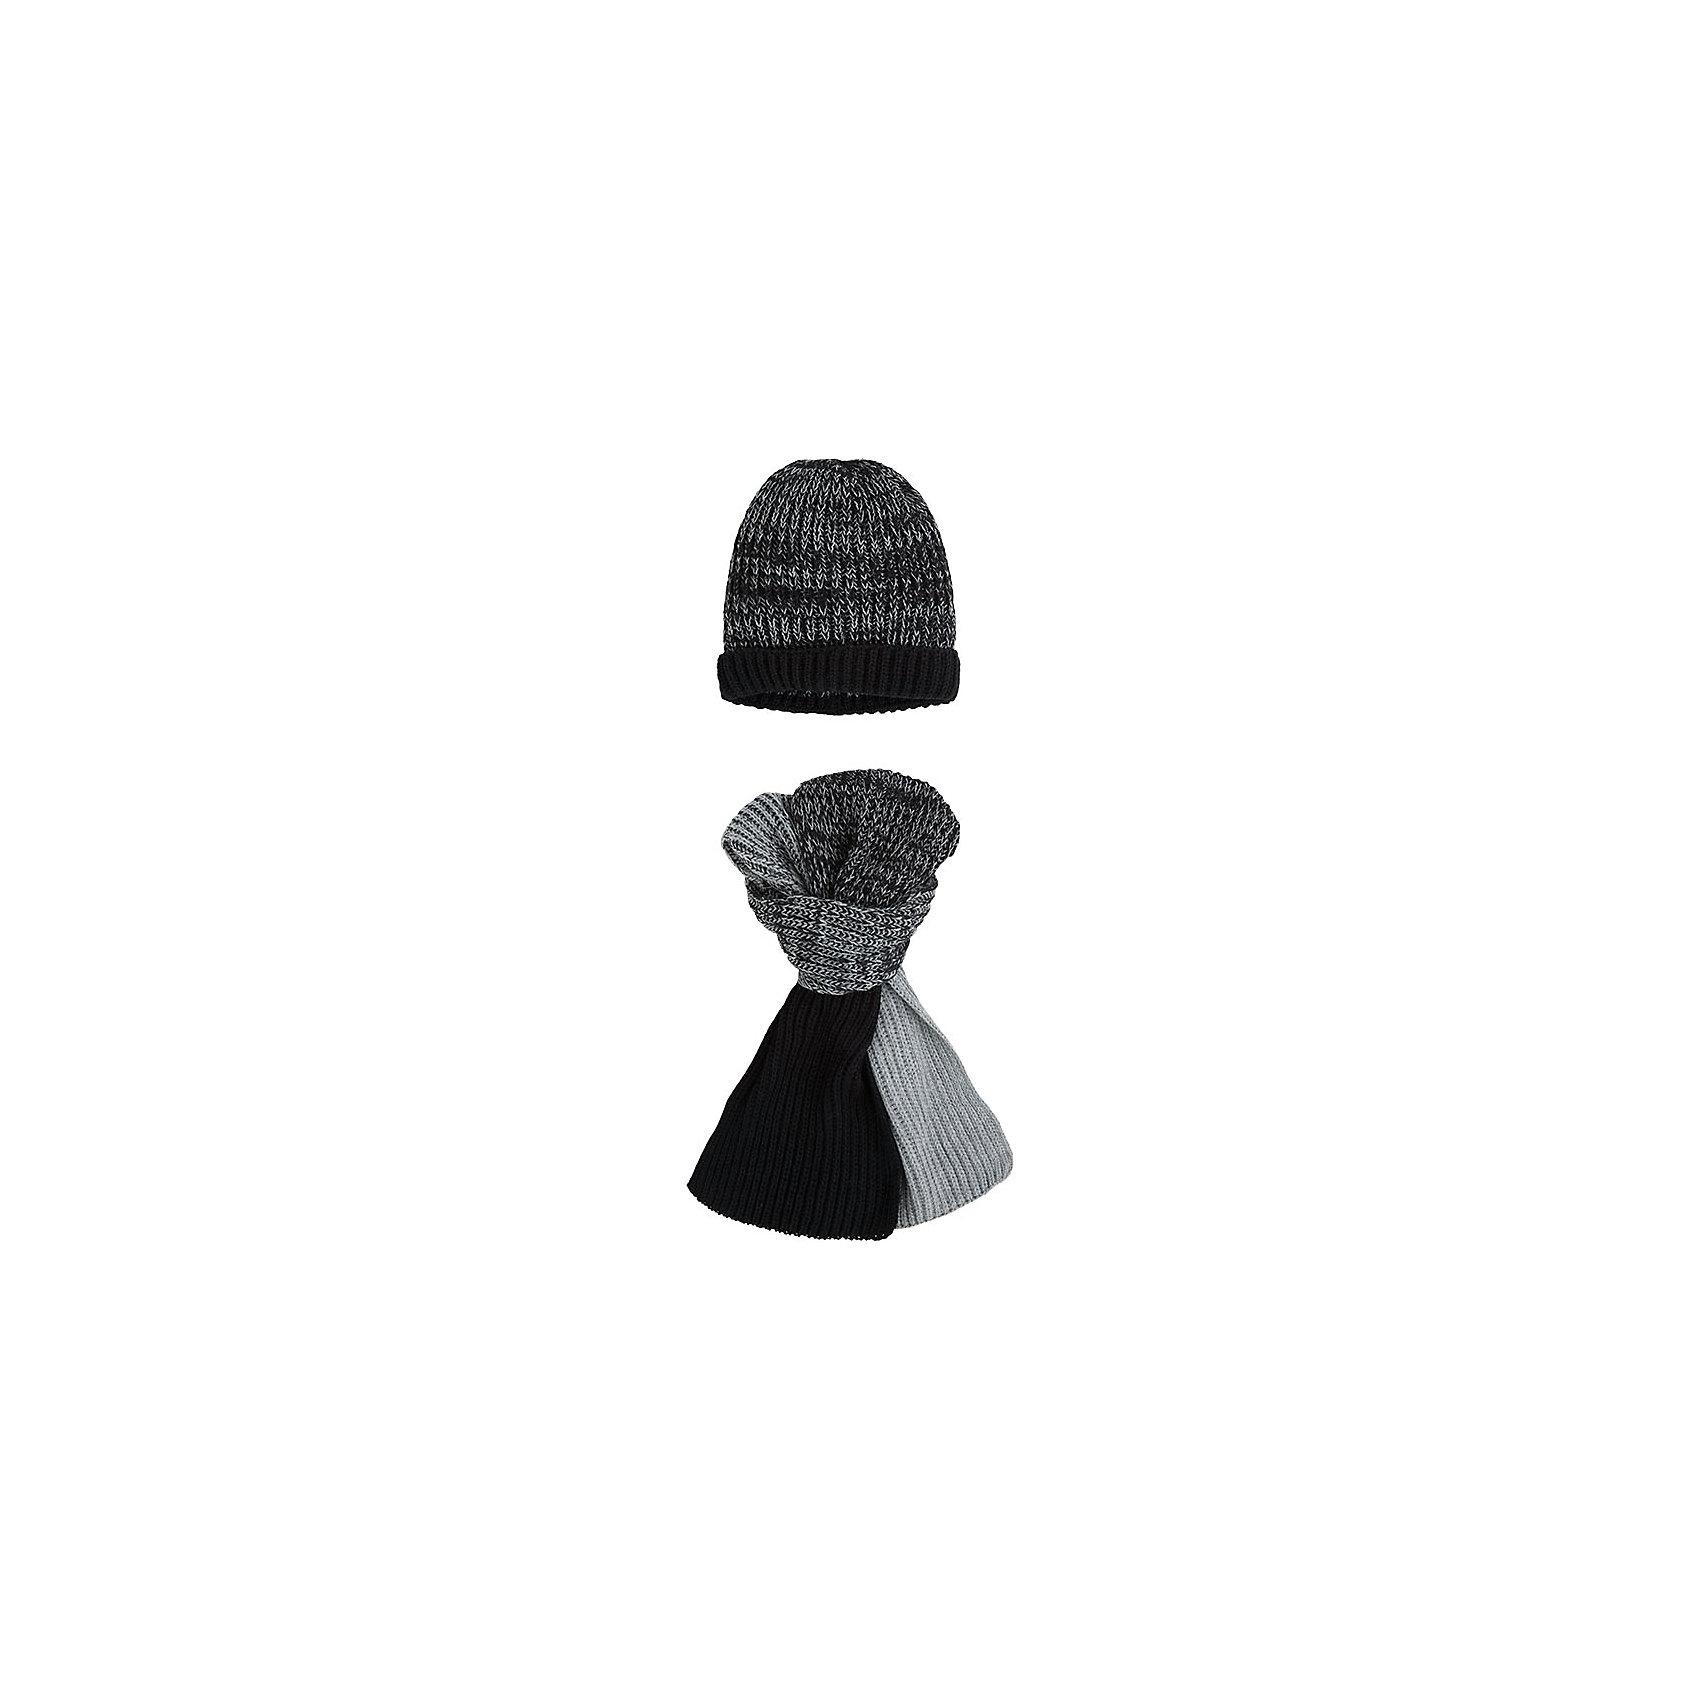 Комплект: шапка и шарф для мальчика MayoralШарфы, платки<br>Комплект: шапка и шарф для мальчика от известной испанской марки Mayoral.<br><br>Красивый вязаный комплект из двух предметов может обеспечить ребенку тепло и комфорт в холодную погоду. <br>Модель имеет следующие особенности:<br><br>- цвета – черный, серый;<br>- вязка средней плотности, объемная;<br>- хорошо тянется.<br><br>Состав: 100% акрил<br>Уход за изделием:<br><br>• стирка при температуре до 30°С,<br>• не отбеливать.<br>Габариты:<br>р.S - 135х22 см, 19х20 см<br>р.М - 150х23 см, 20х21 см<br>Температурный режим: от -20 ° С до +5 ° С<br><br>Комплект: шапку и шарф для мальчика Mayoral (Майорал) можно купить в нашем магазине.<br><br>Ширина мм: 89<br>Глубина мм: 117<br>Высота мм: 44<br>Вес г: 155<br>Цвет: черный<br>Возраст от месяцев: 96<br>Возраст до месяцев: 120<br>Пол: Мужской<br>Возраст: Детский<br>Размер: 54,56<br>SKU: 4190674